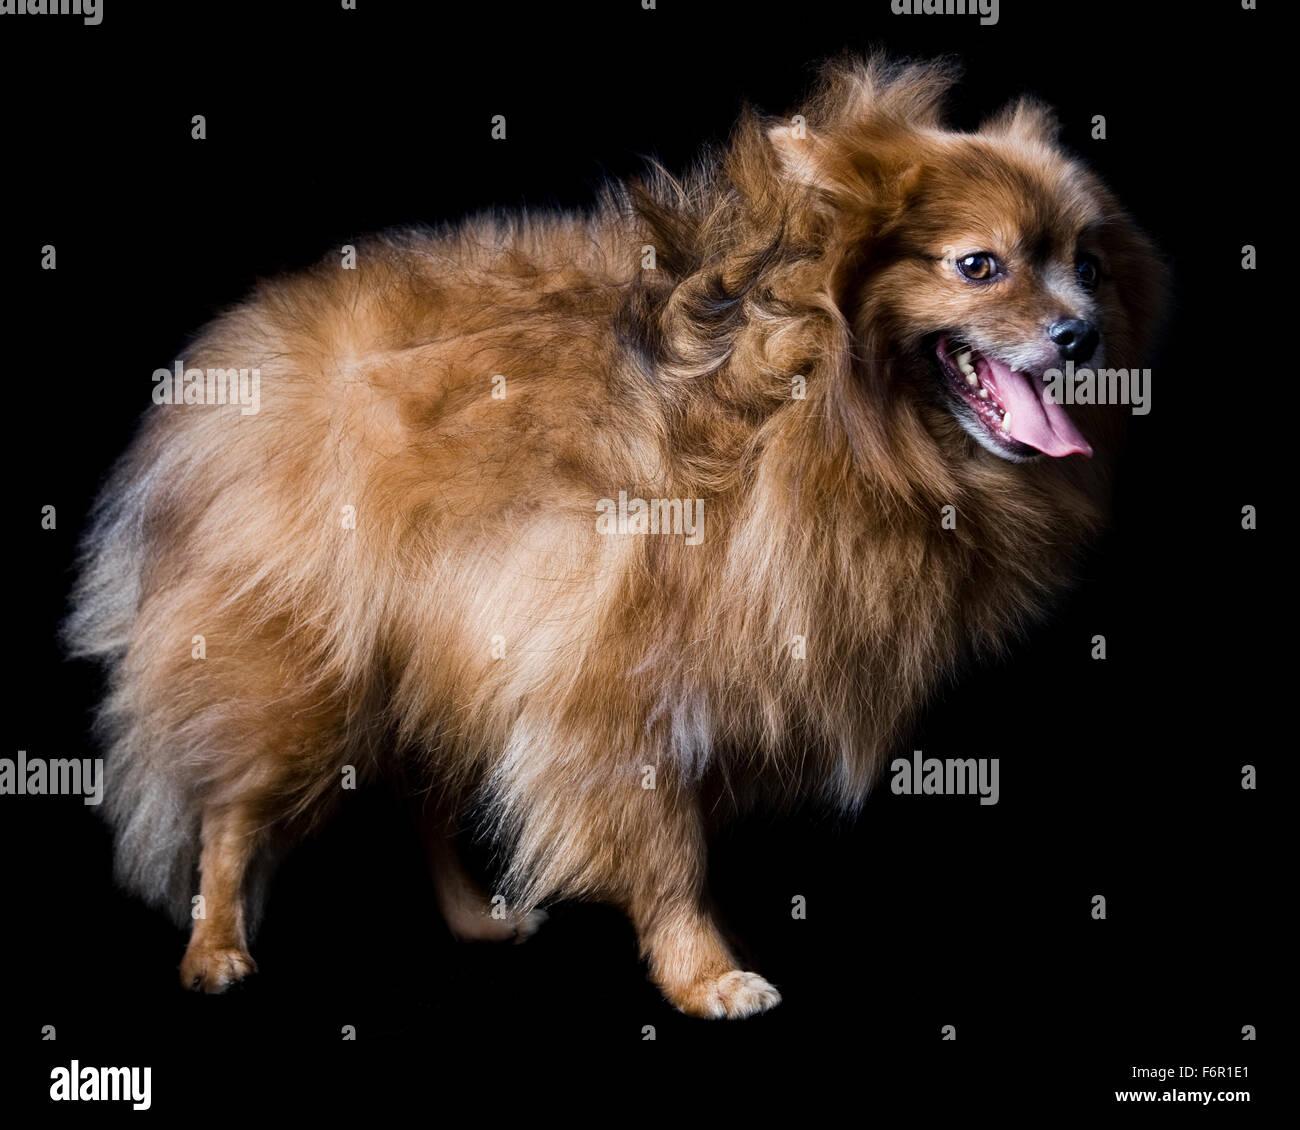 Soffiata dal vento marrone sorridente Pomerania cane in studio su sfondo nero Immagini Stock